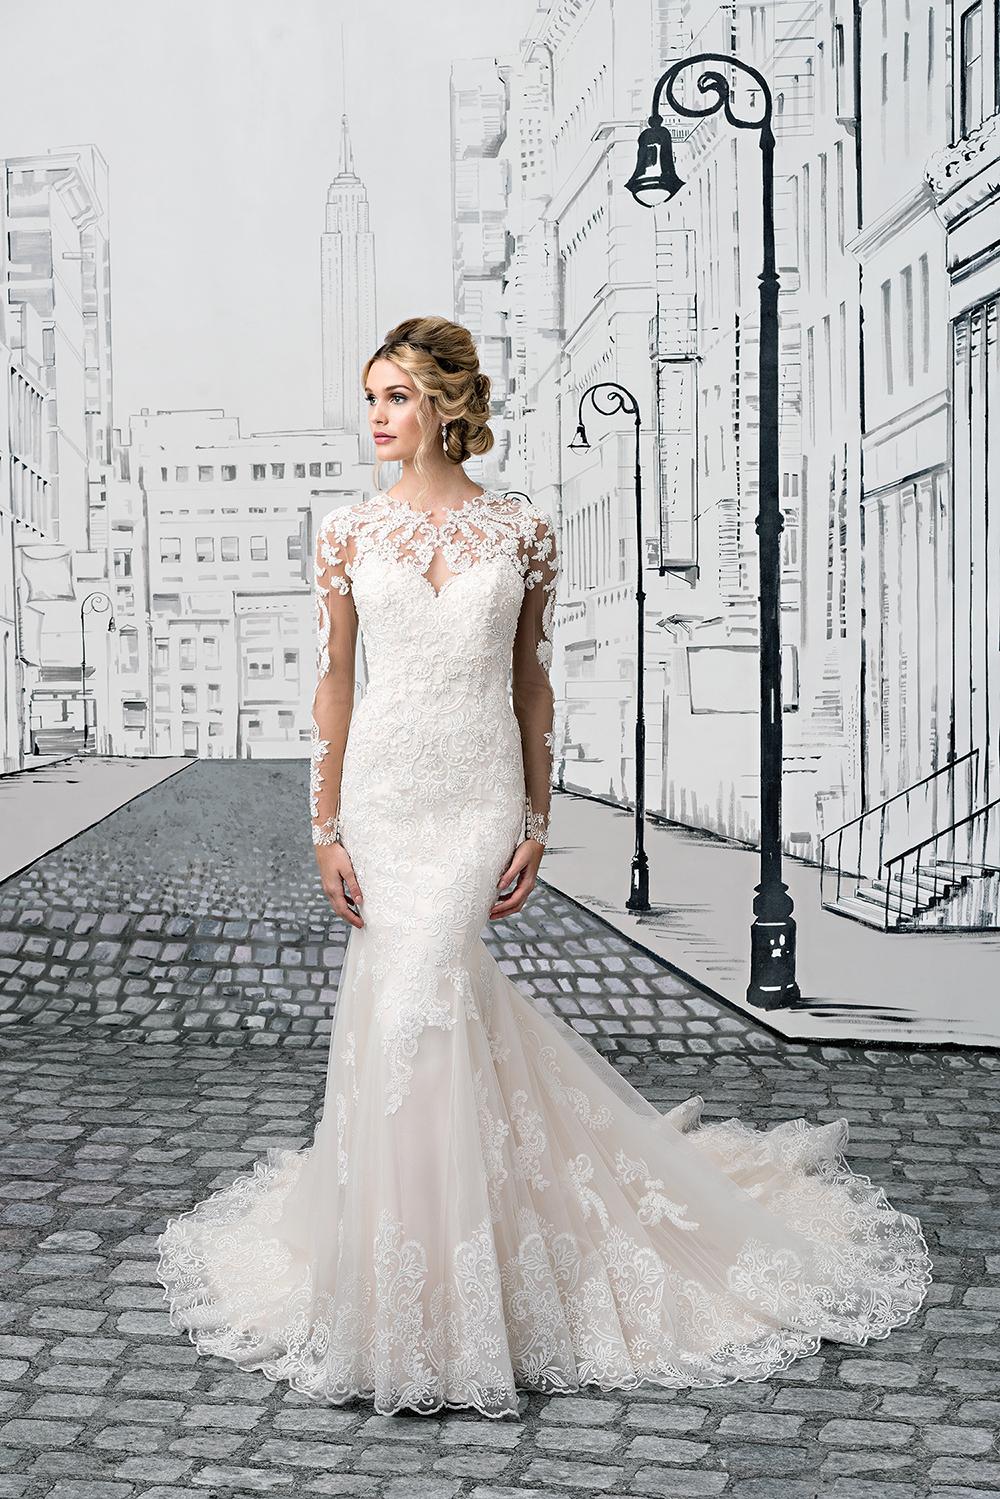 Von Spitzenärmeln bis Volants - Die Brautkleider-Trends 2017